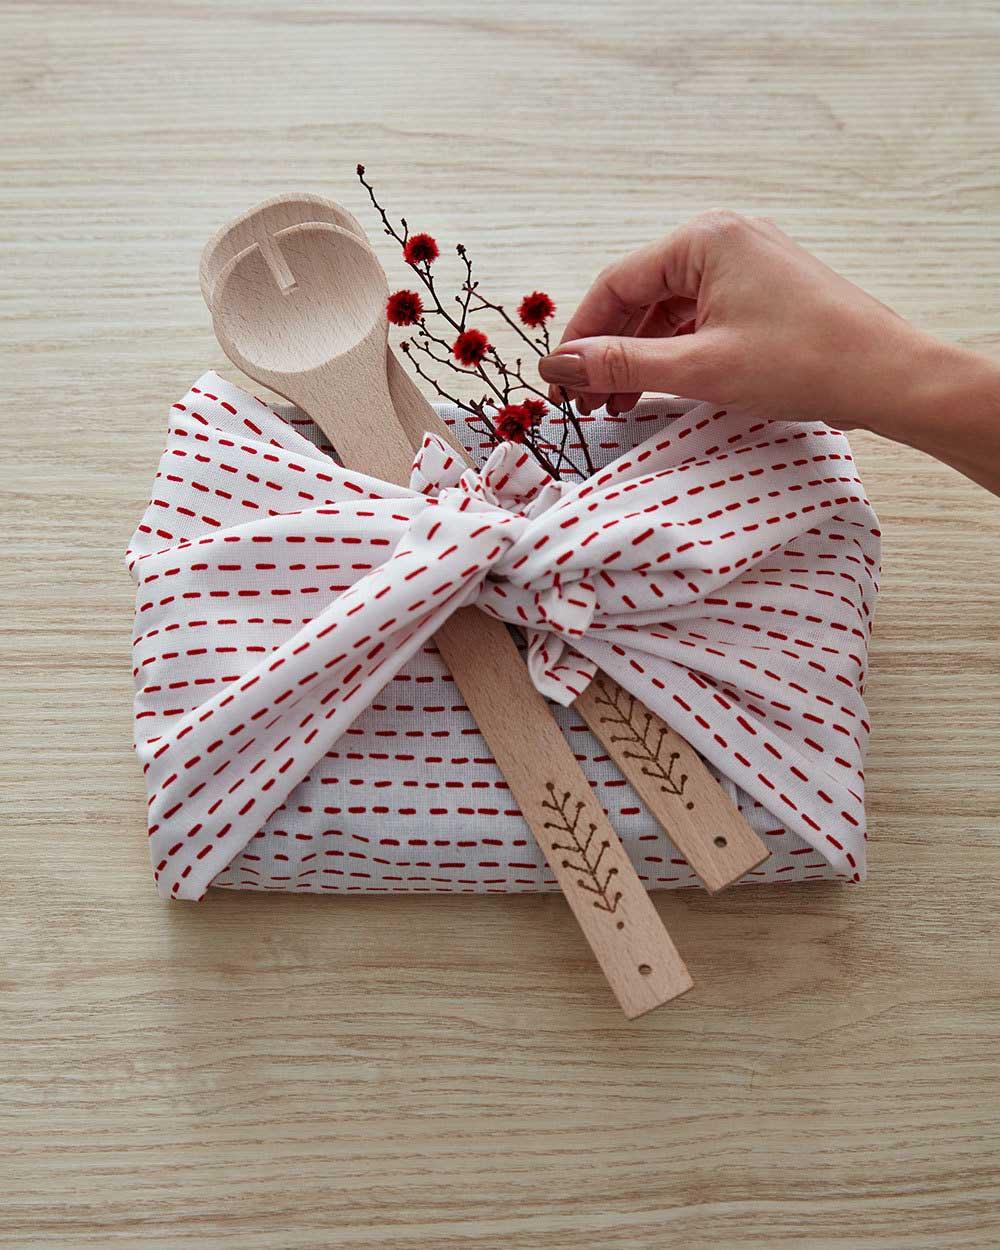 igeschenke-verpacken-ikea_cb_slowchristmas_geschenktipps_-decohome.de_